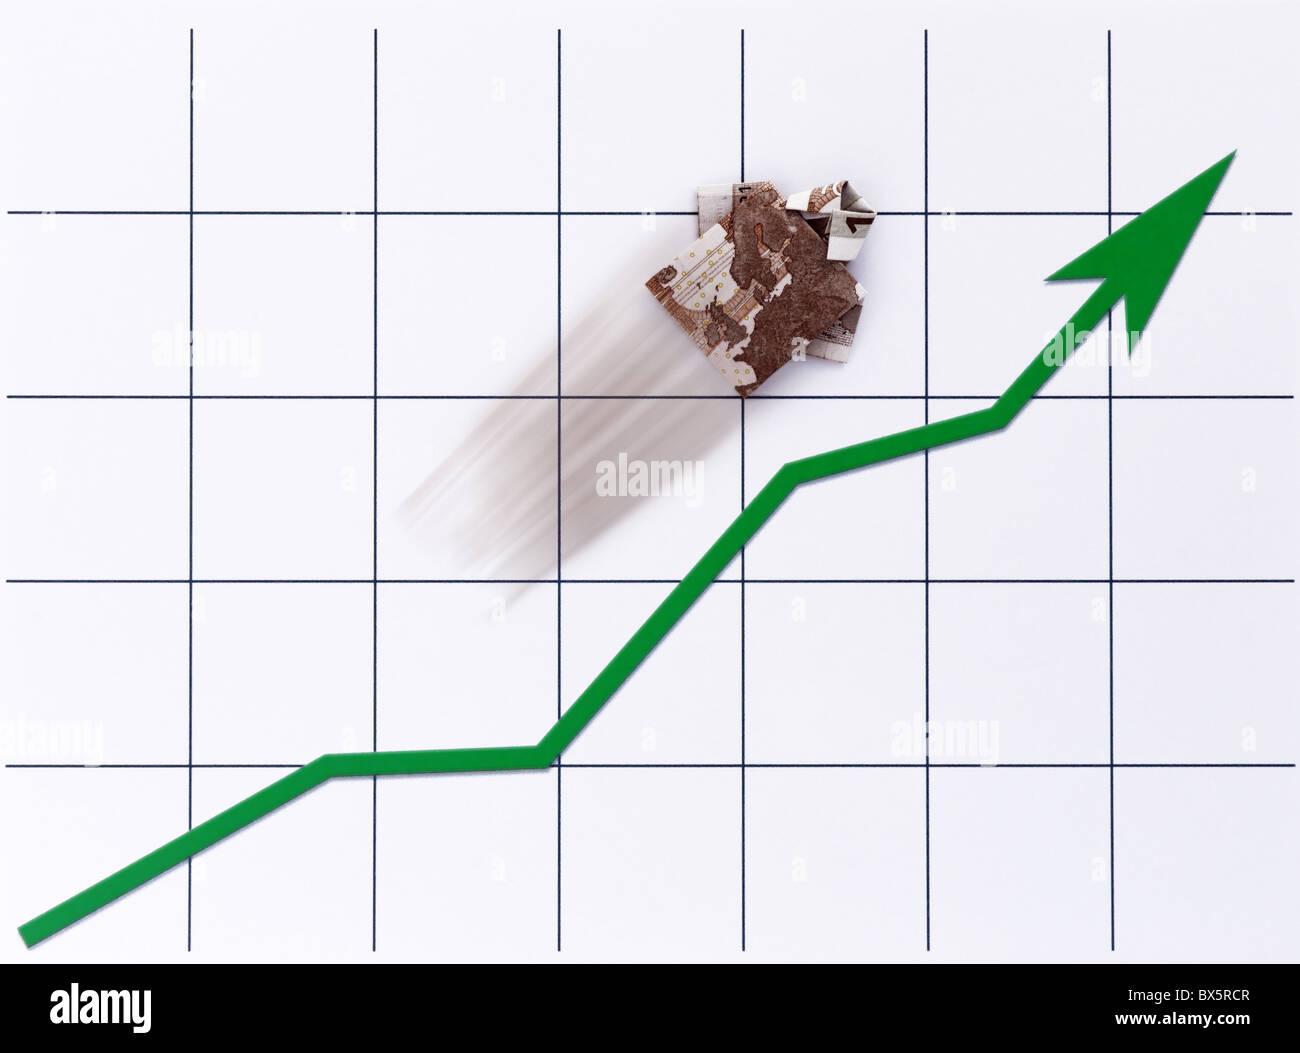 Ein Geldschein – Hemd steigt auf einem Chart |A cash note - shirt rises on a Chart| Stock Photo